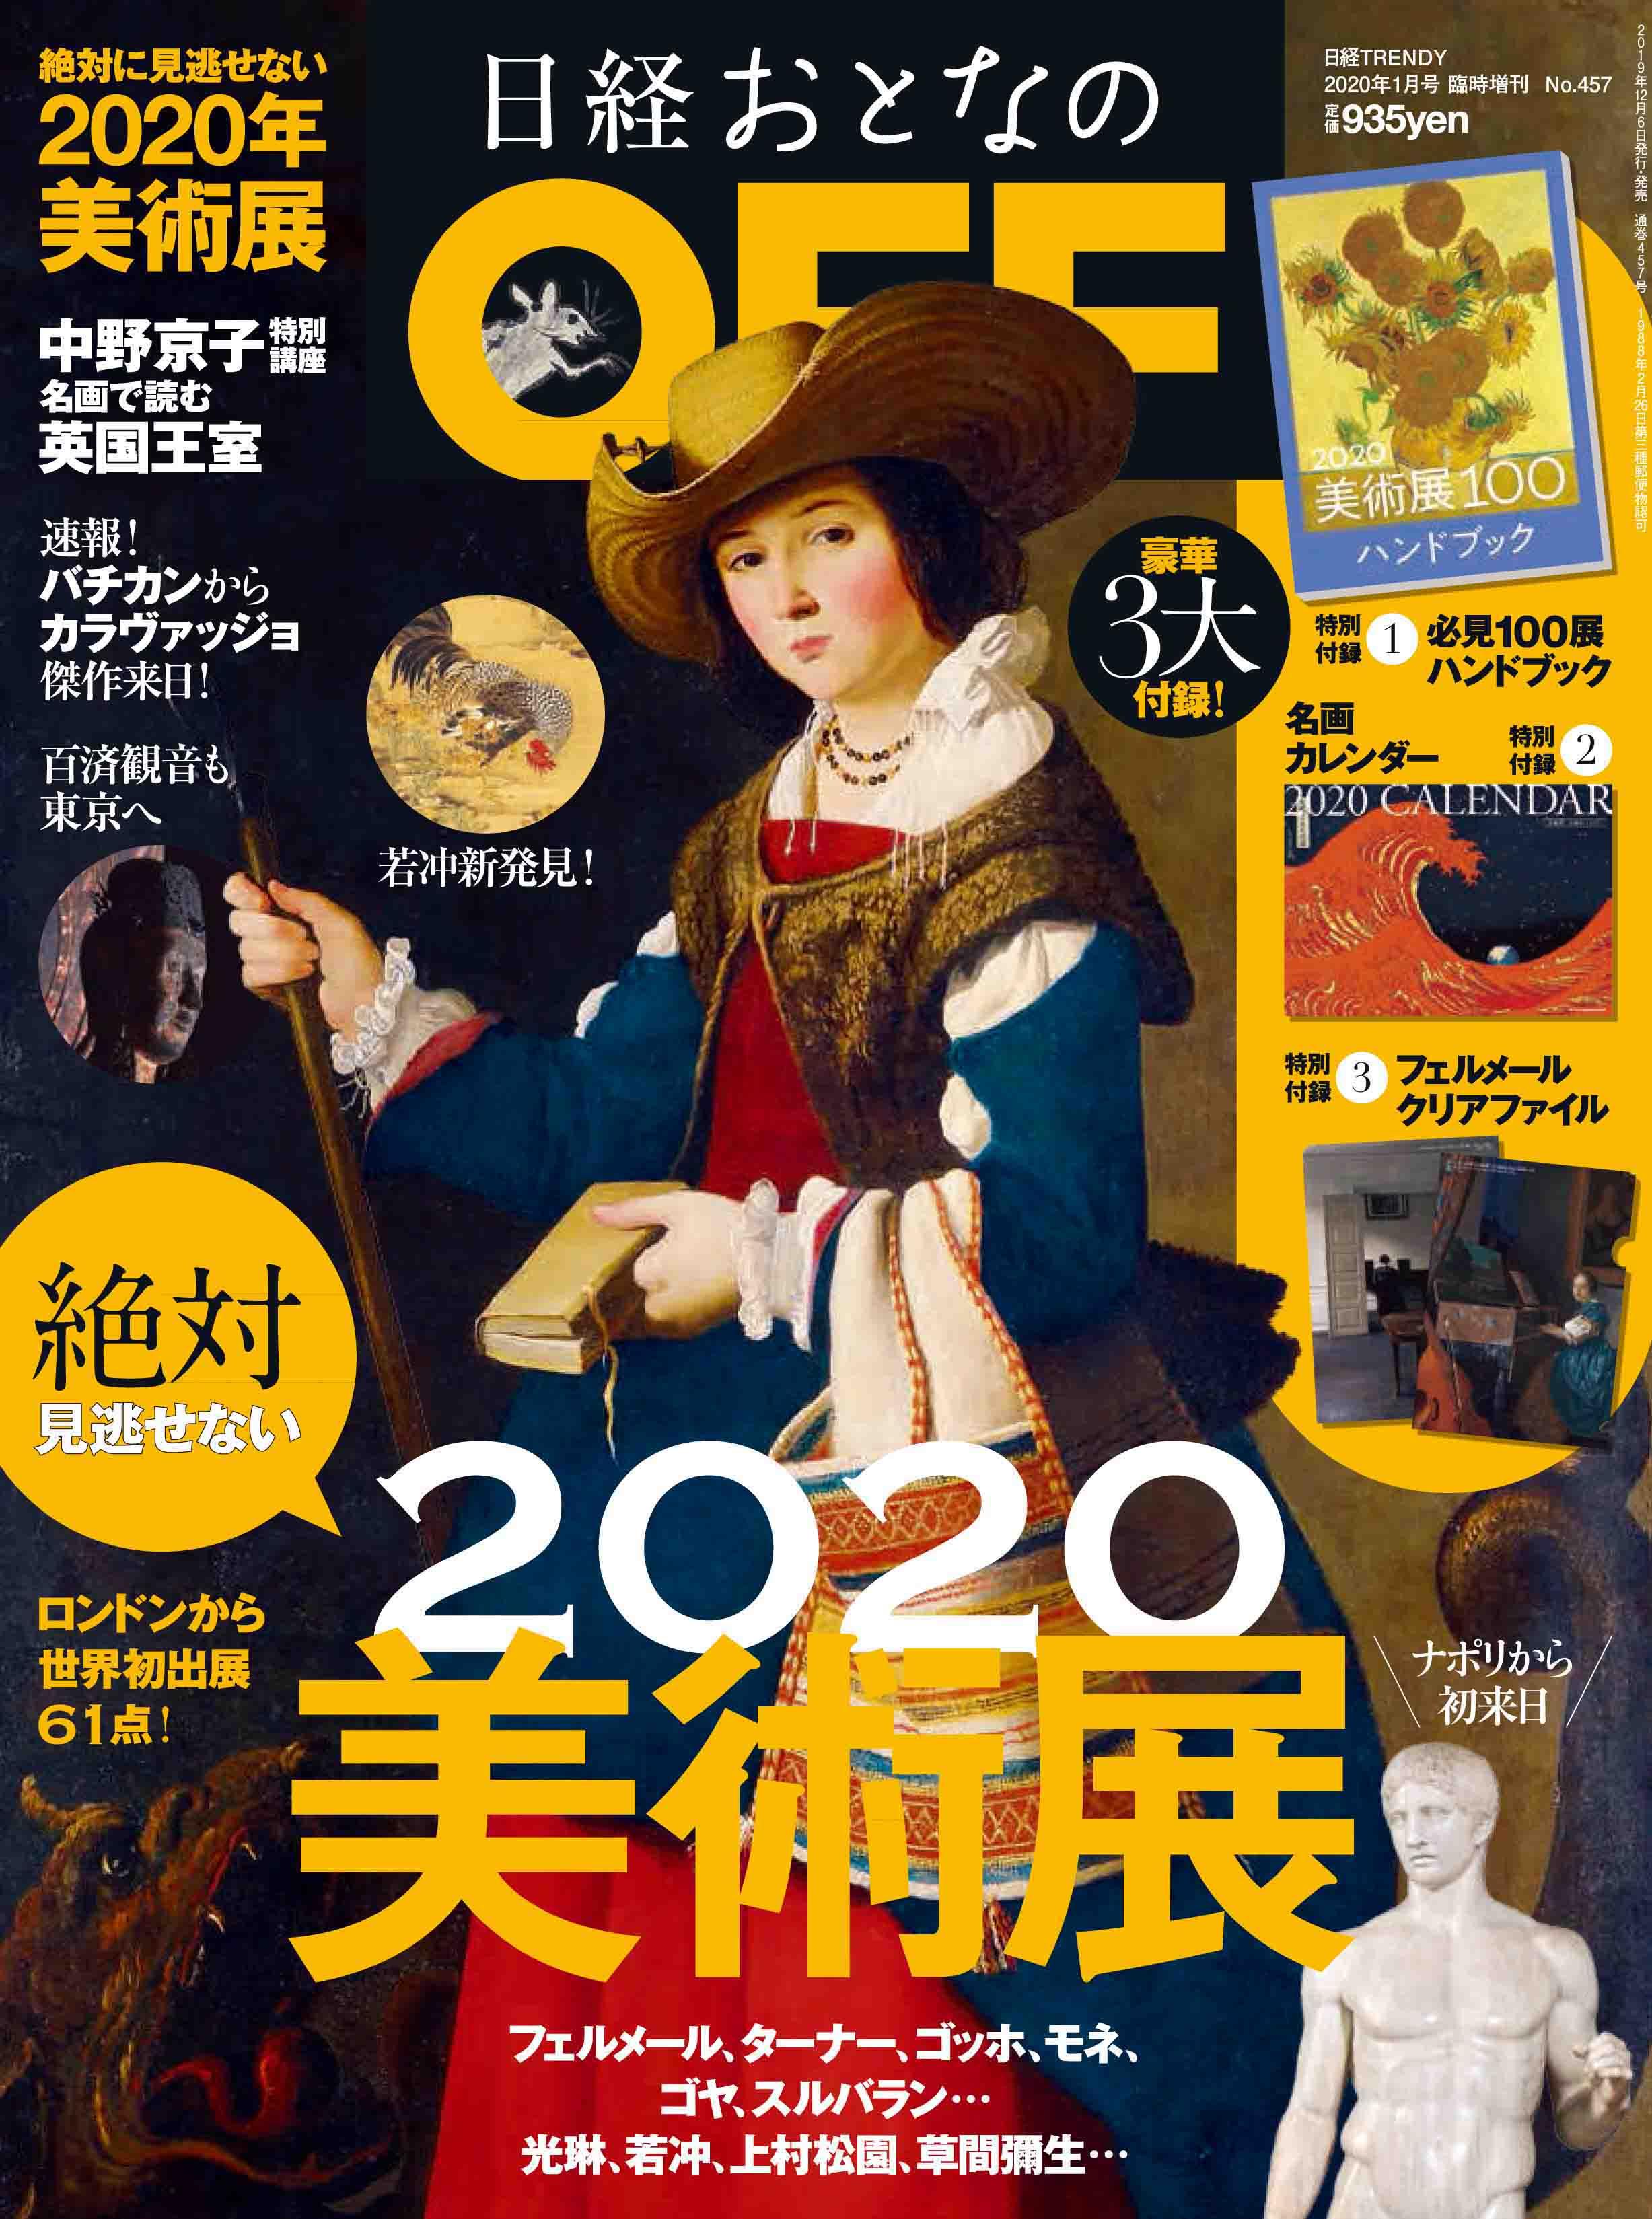 日経TRENDY2020年 絶対に見逃せない美術展